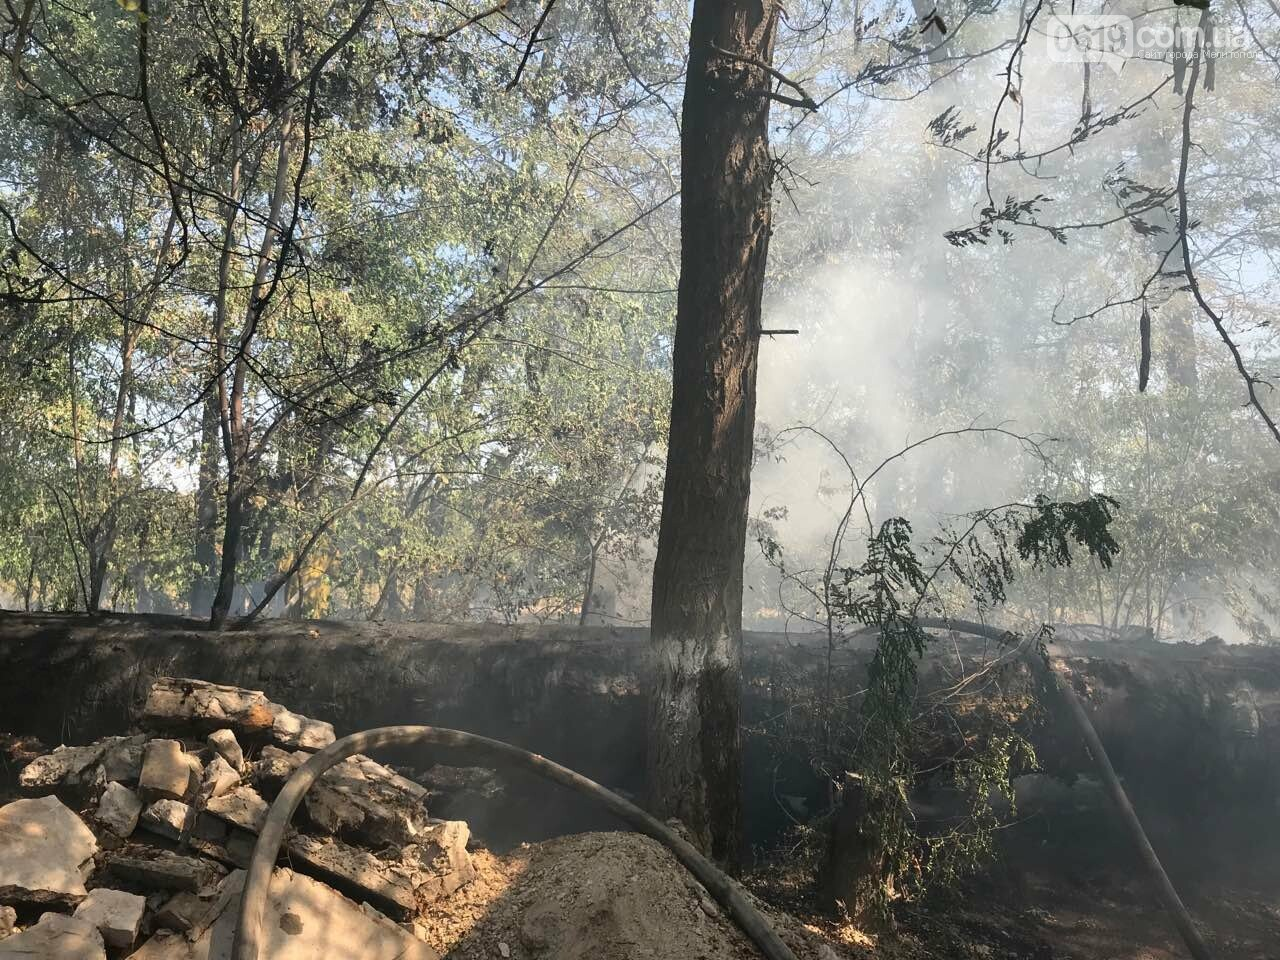 Микрорайон в дыму: в Мелитополе тушат масштабный пожар , фото-4